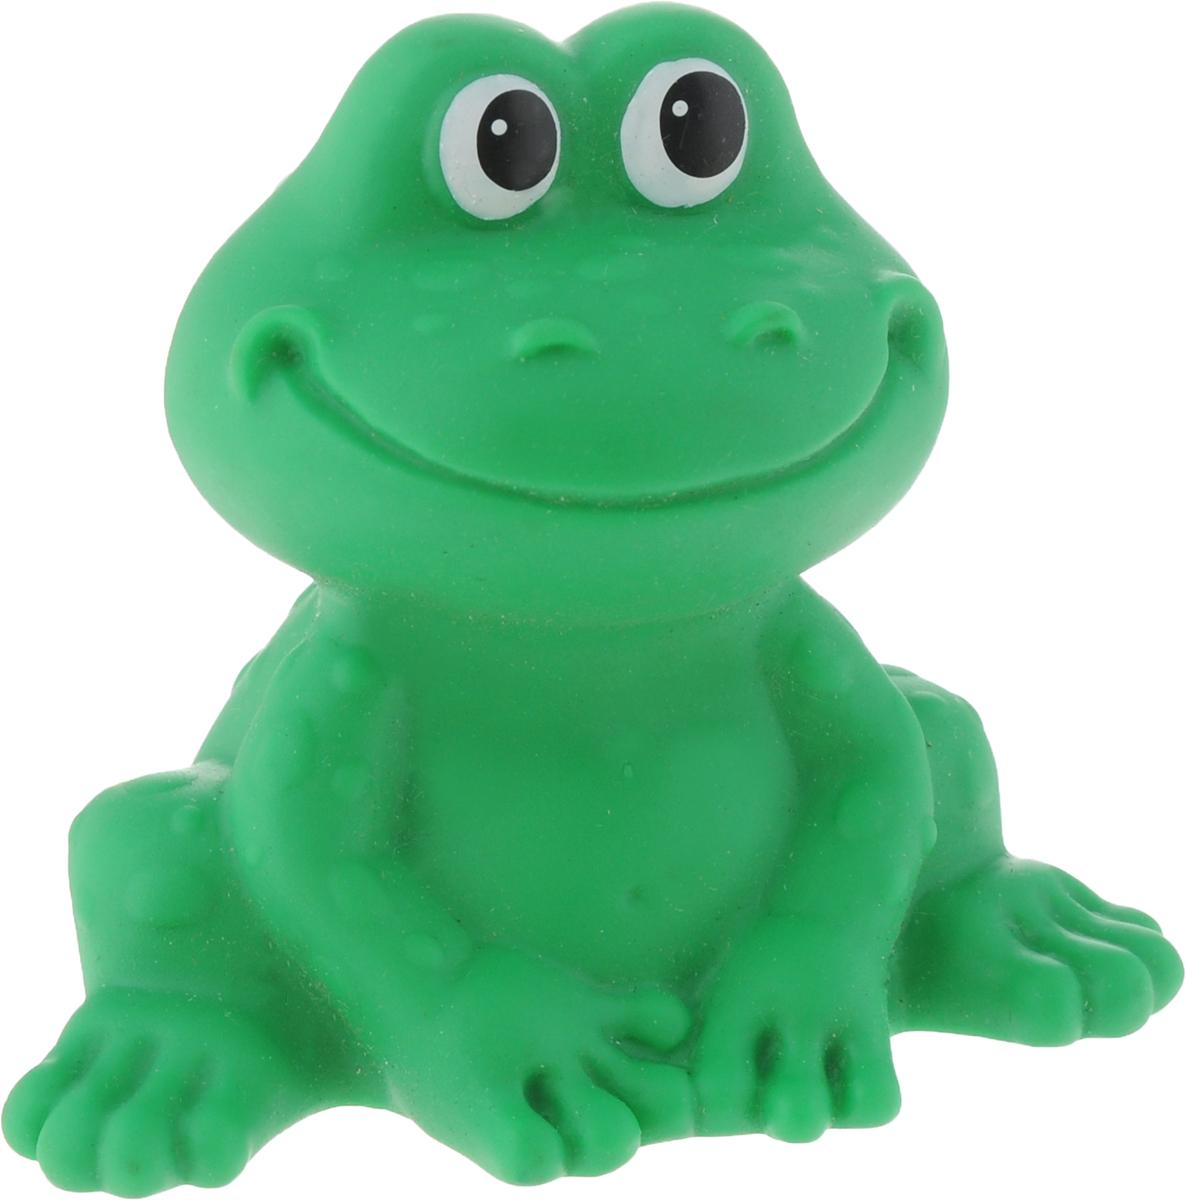 Весна Игрушка для ванной ЛягушонокВ2354Игрушка для ванной Весна Лягушонок непременно понравятся вашему малышу. Это игрушка из окрашенного в массе ПВХ - пластизоля. Иногда их называют резиновые игрушки, но пластизоль - это другой полимер, более долговечный и качественный, чем резина. Игрушки выполнены в виде лягушонка. Благодаря своему обаятельному весёлому образу и функциональности игрушка может стать замечательным подарком для игры в ванне или на суше.